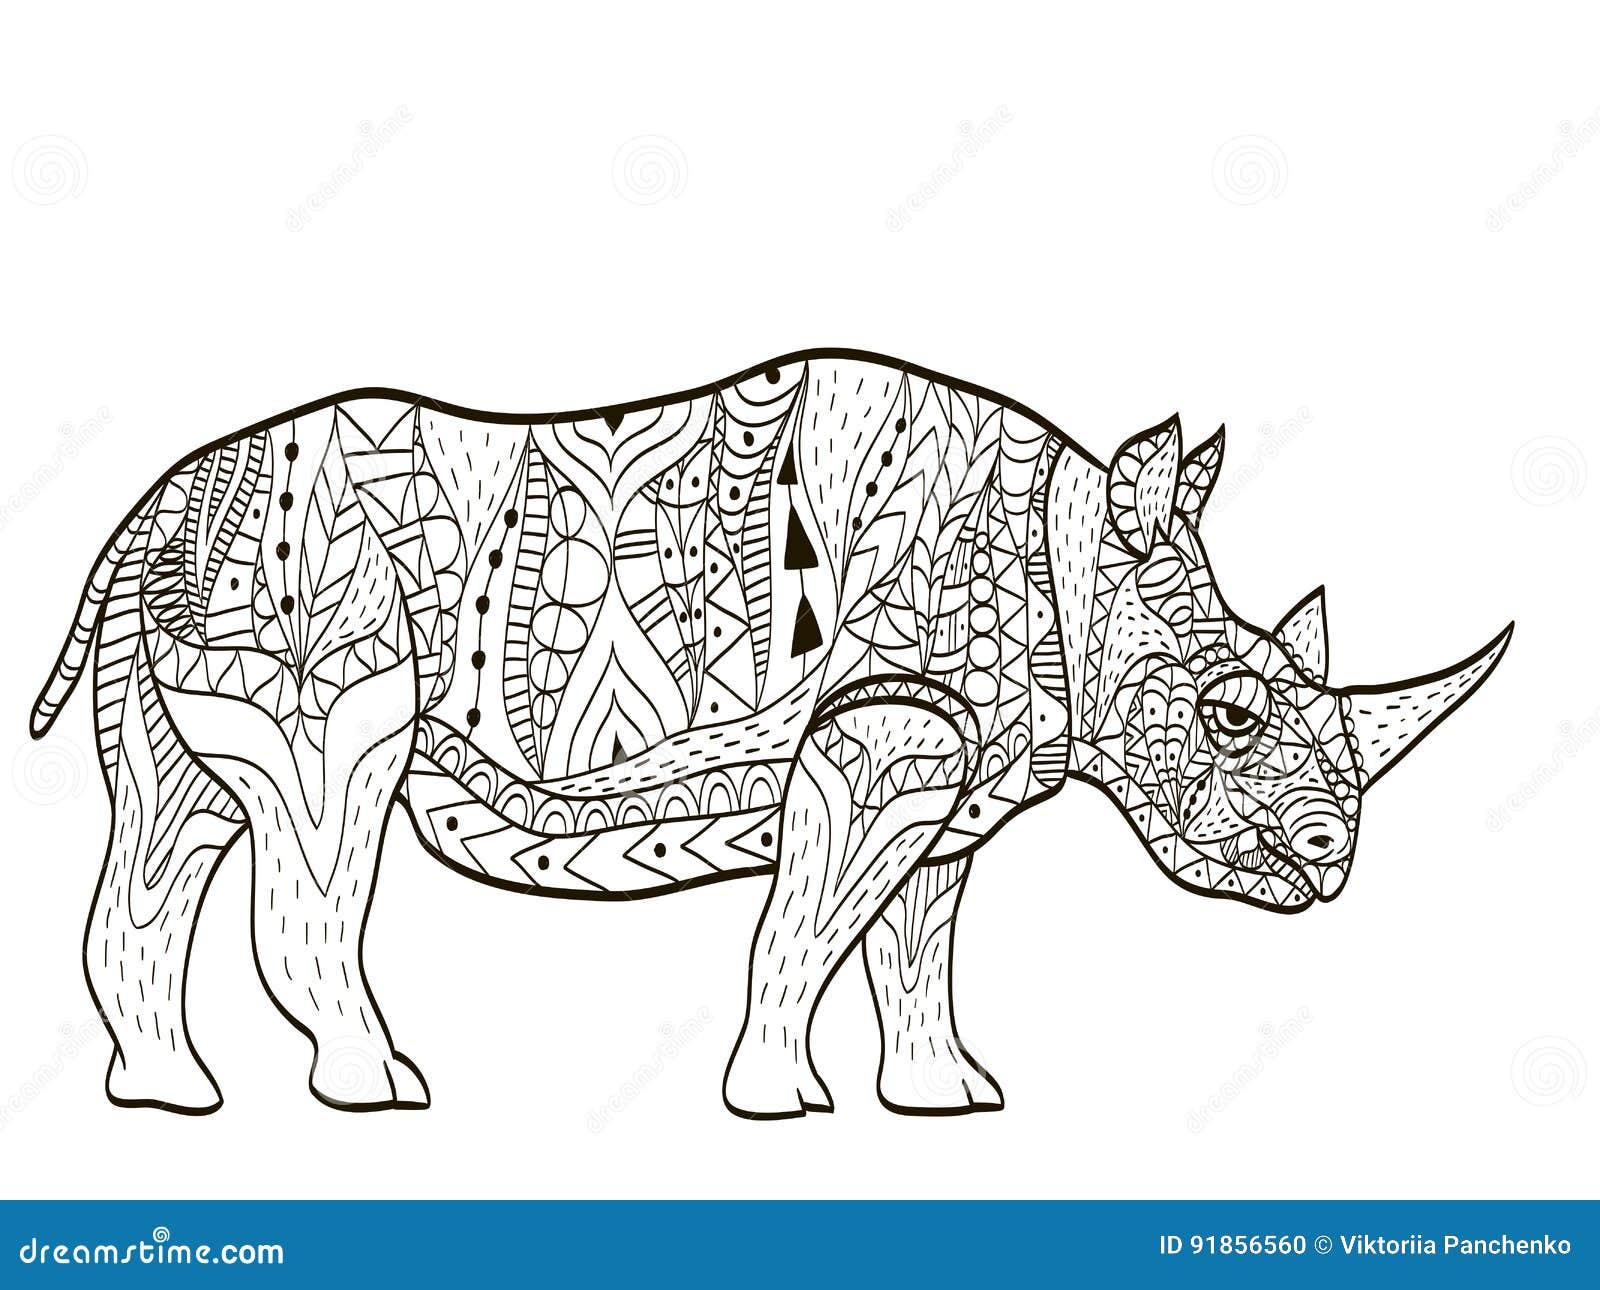 Coloriage Animaux Adulte.Vecteur De Livre De Coloriage D Hippopotame Pour Des Adultes